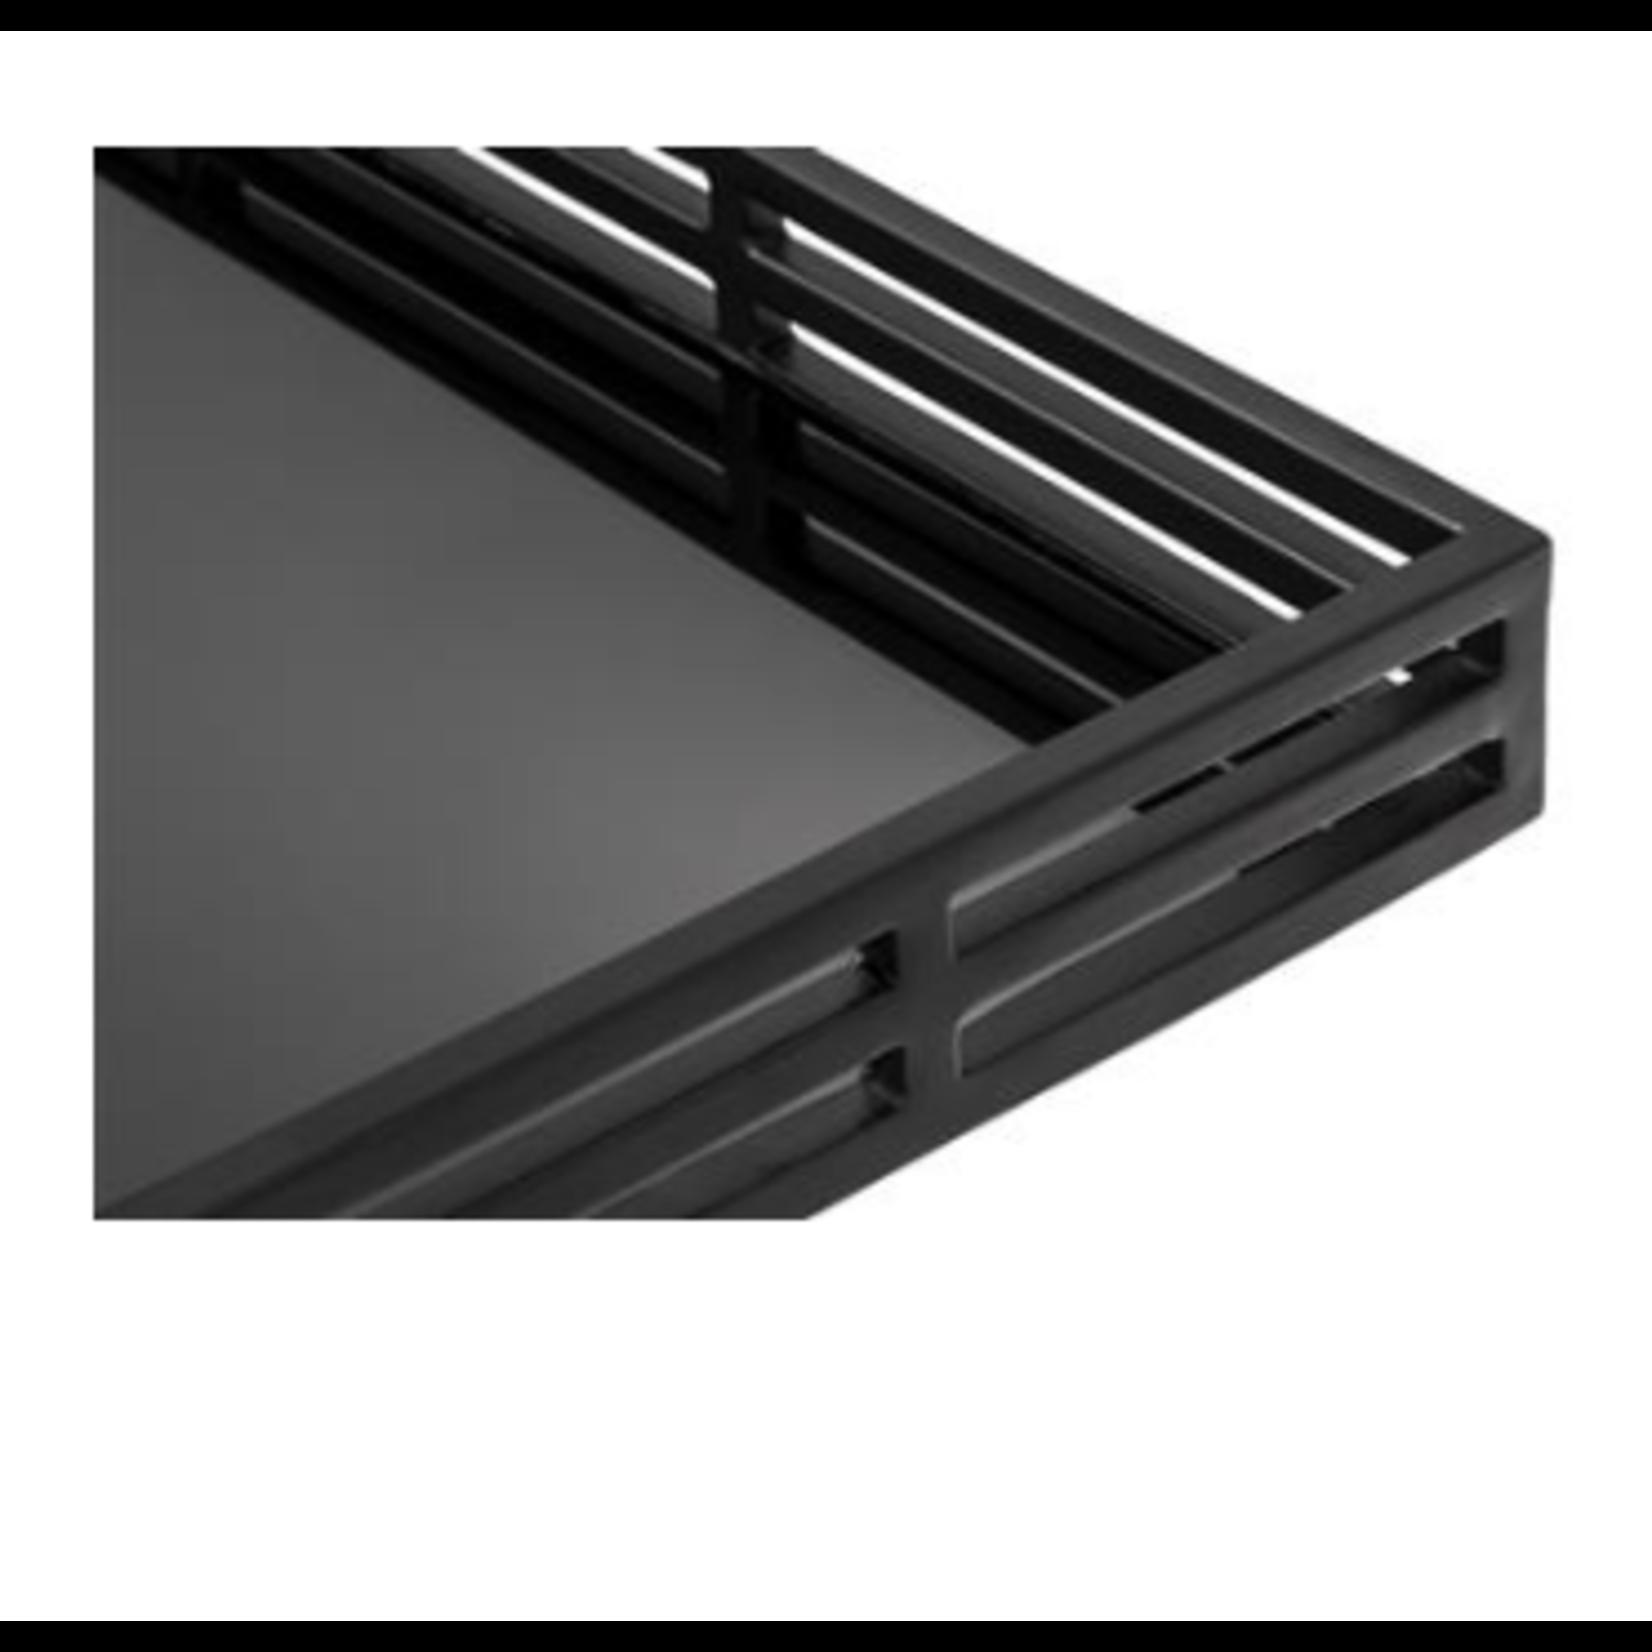 EICHHOLTZ Tray Giacomo black finish rectangular